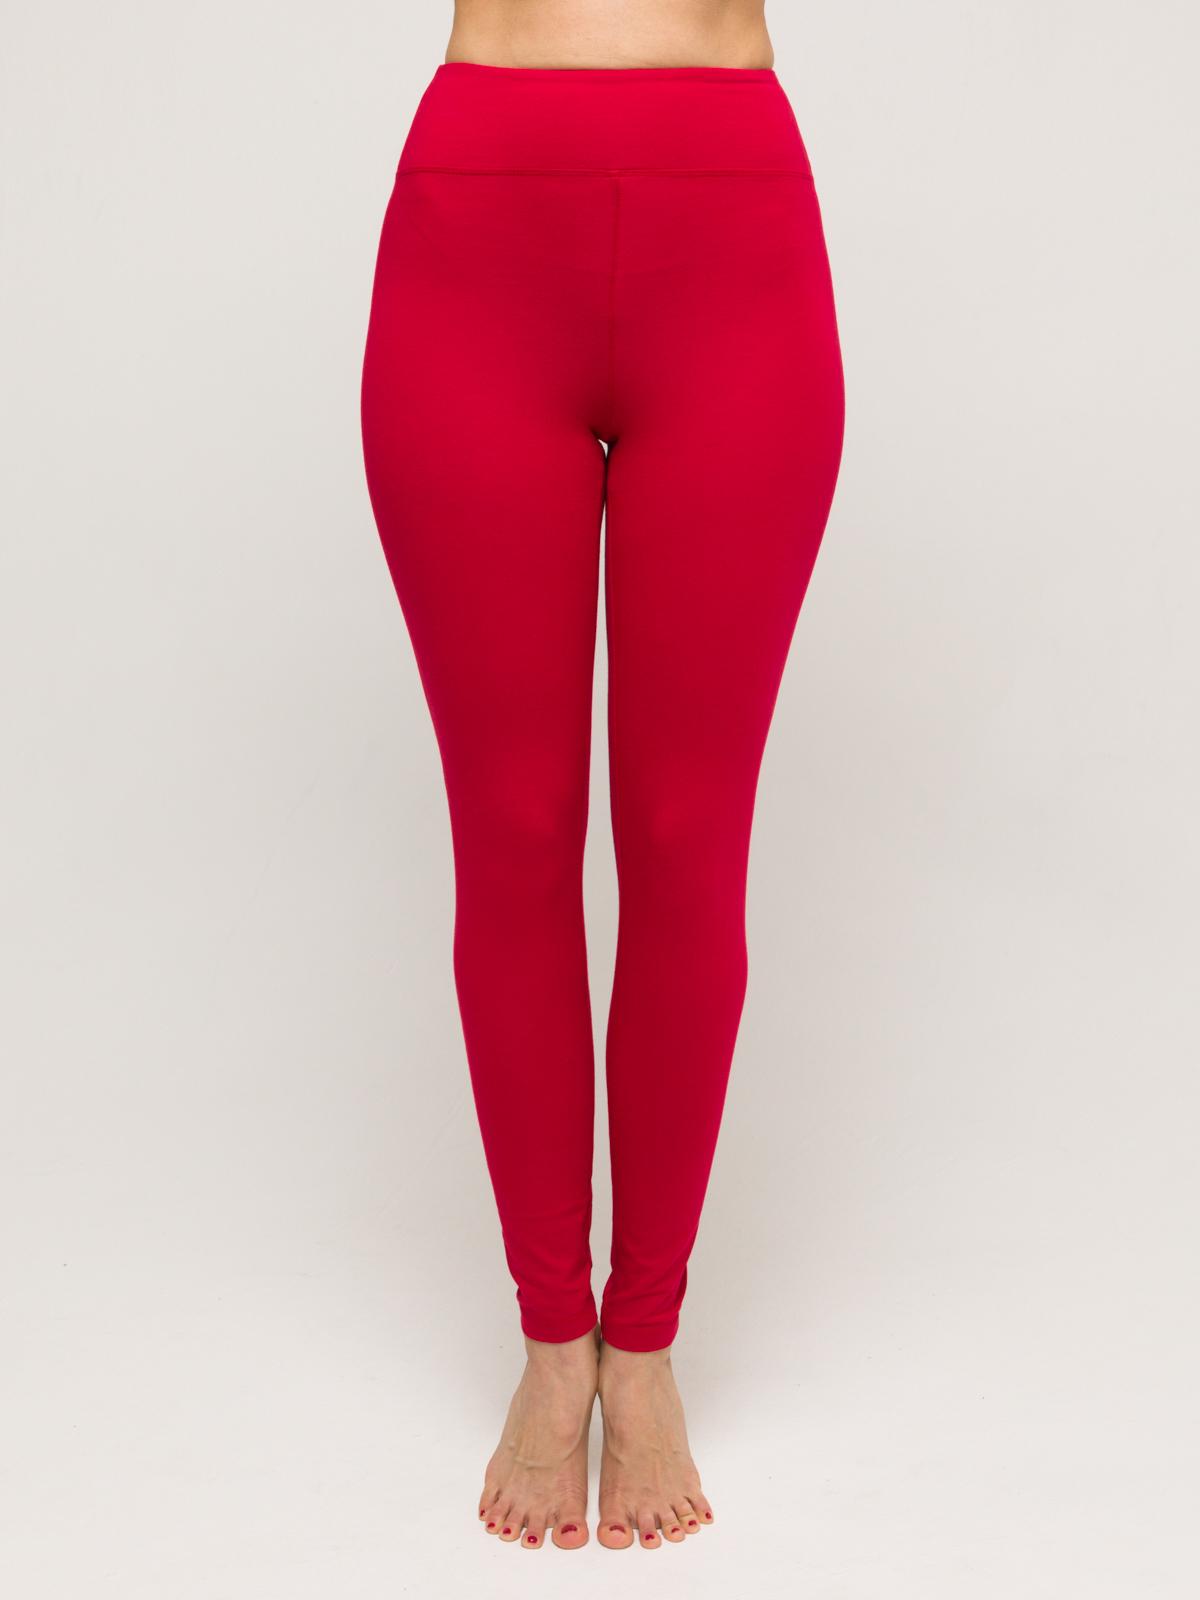 Леггинсы женские Sansara YogaDress (0,2 кг, L (48), красный) леггинсы женские pro fit 89100 blue red m l синий белый красный 46 размер